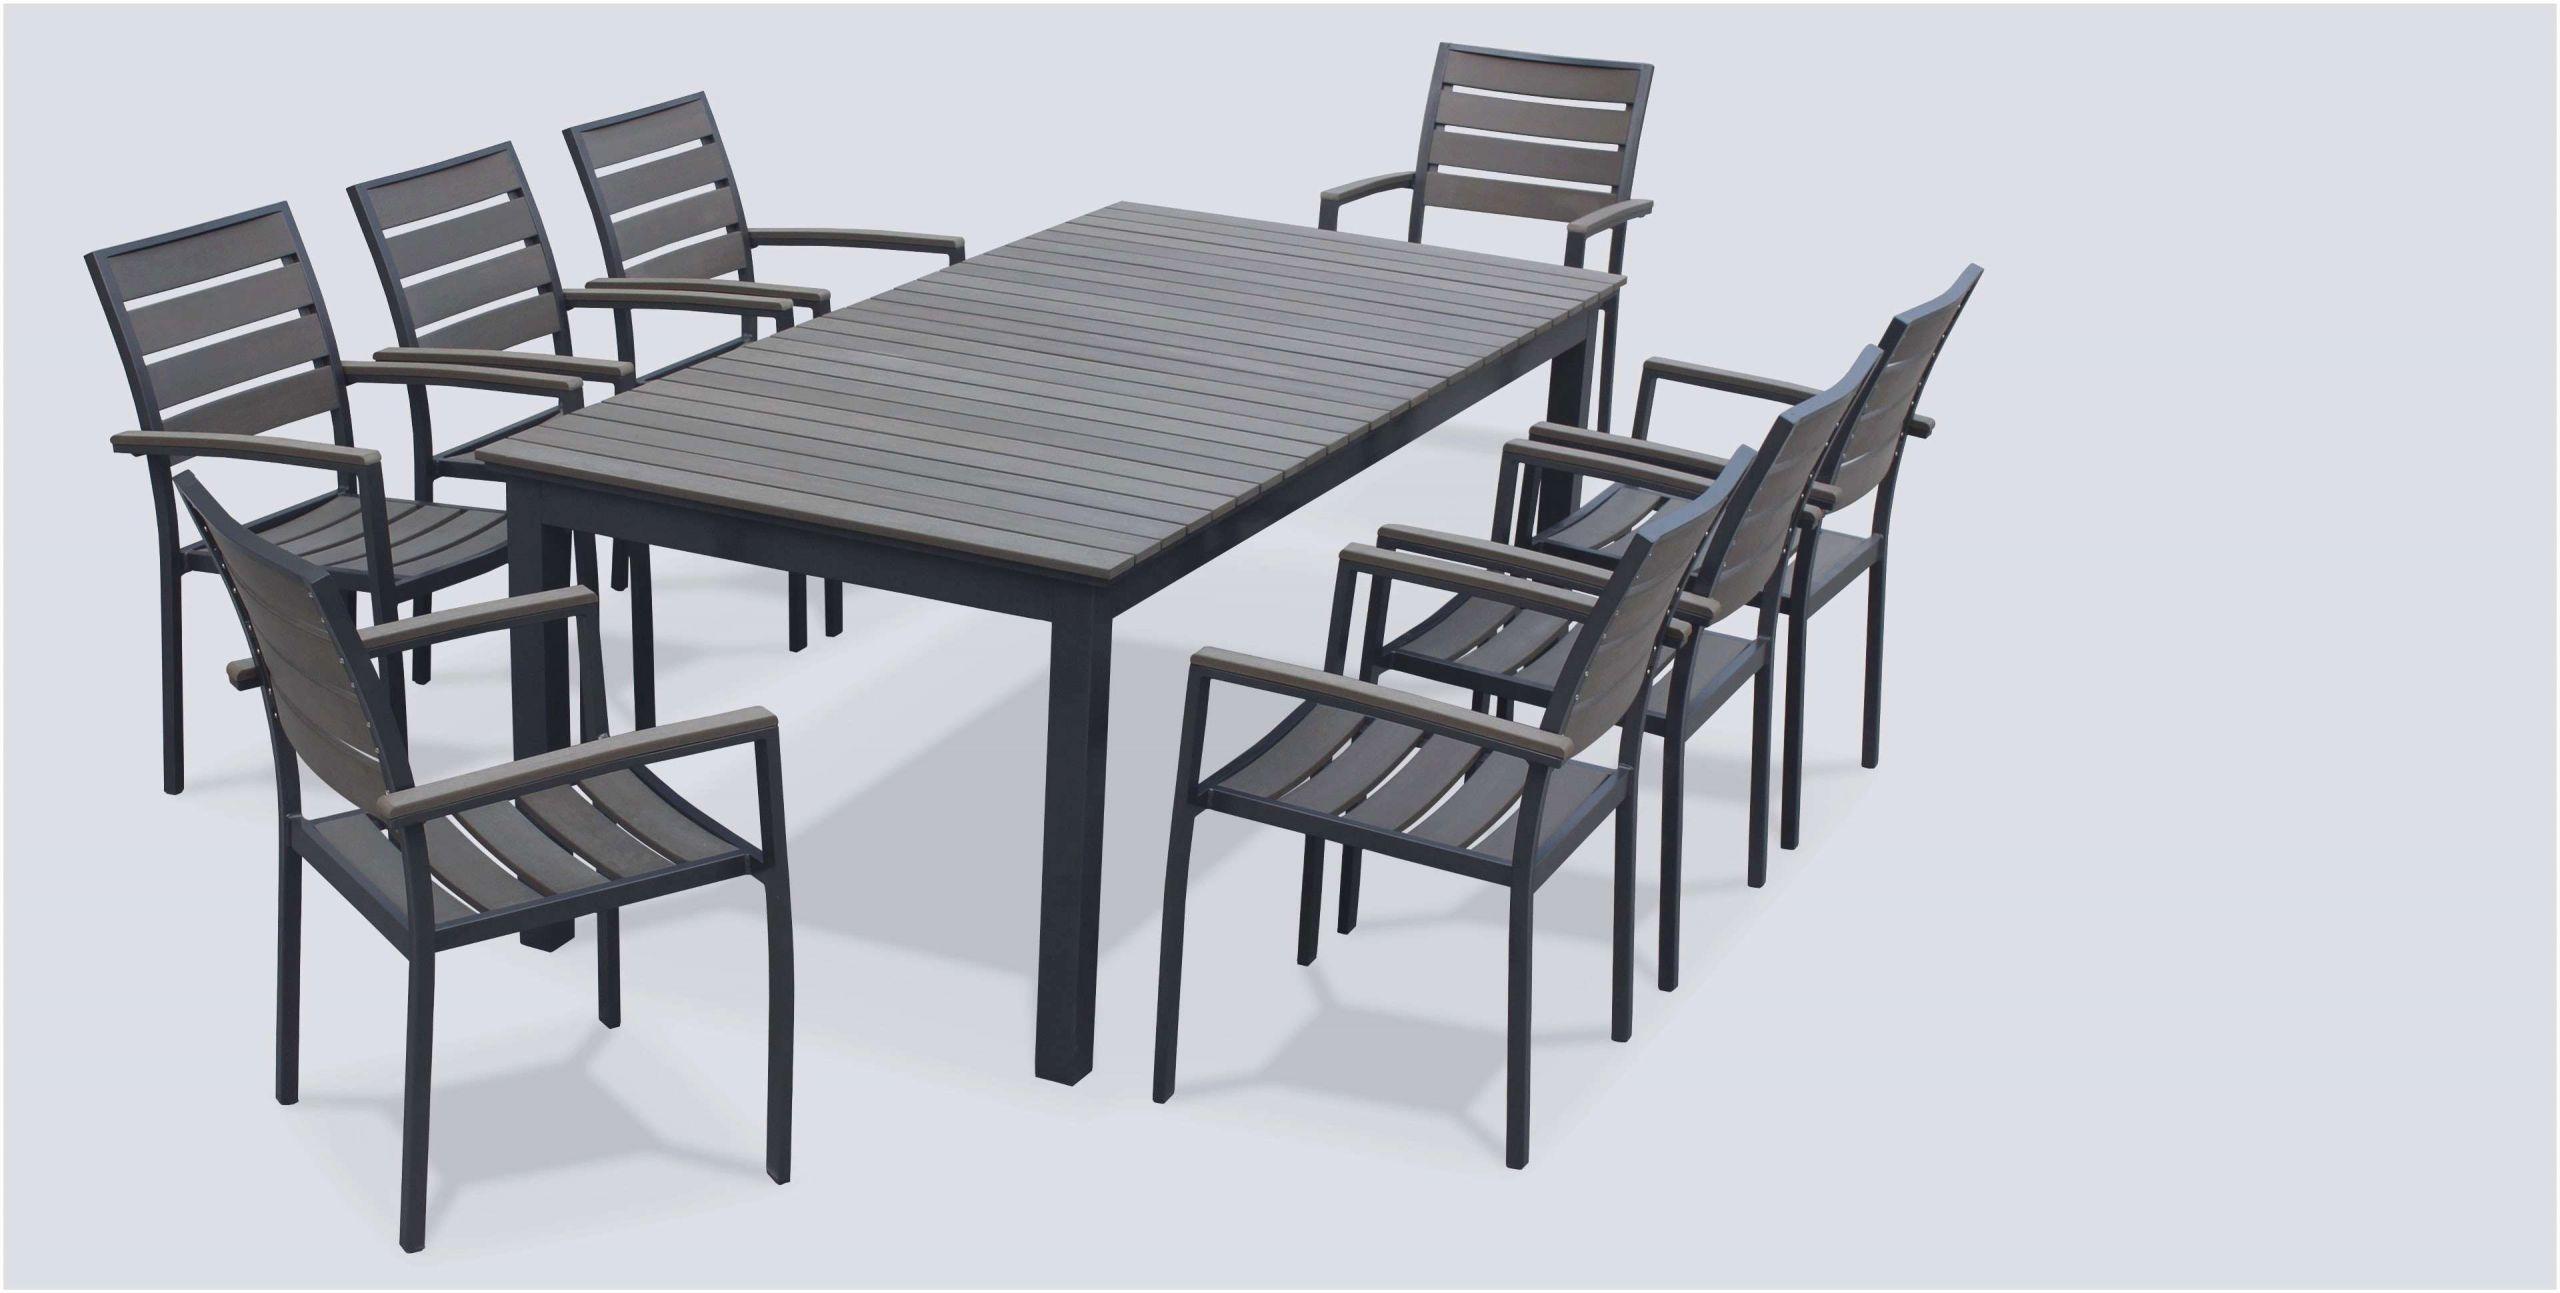 Hamac Leclerc Élégant 37 Charmant Table De Salon De Jardin destiné Table De Jardin Plastique Leclerc